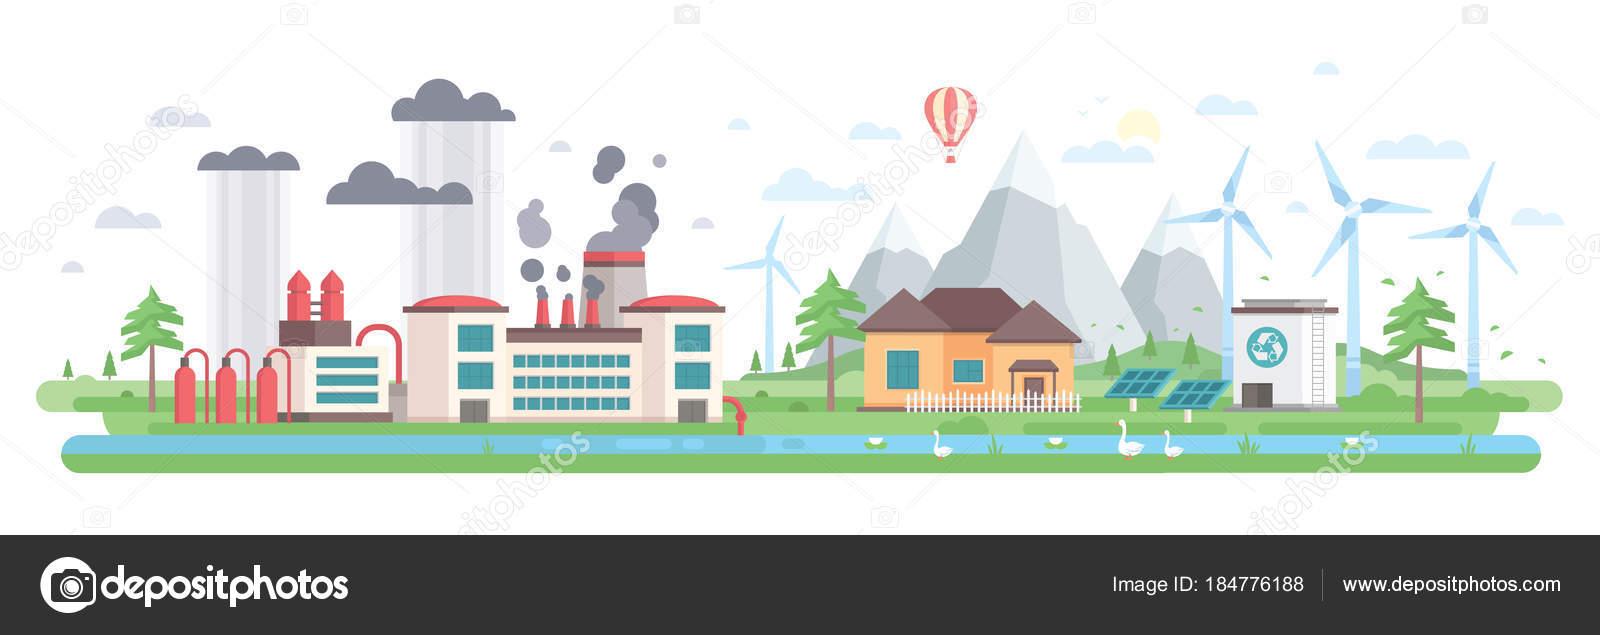 Luft- und Wasserverschmutzung - modernes flaches Design-Stil-Vektor ...